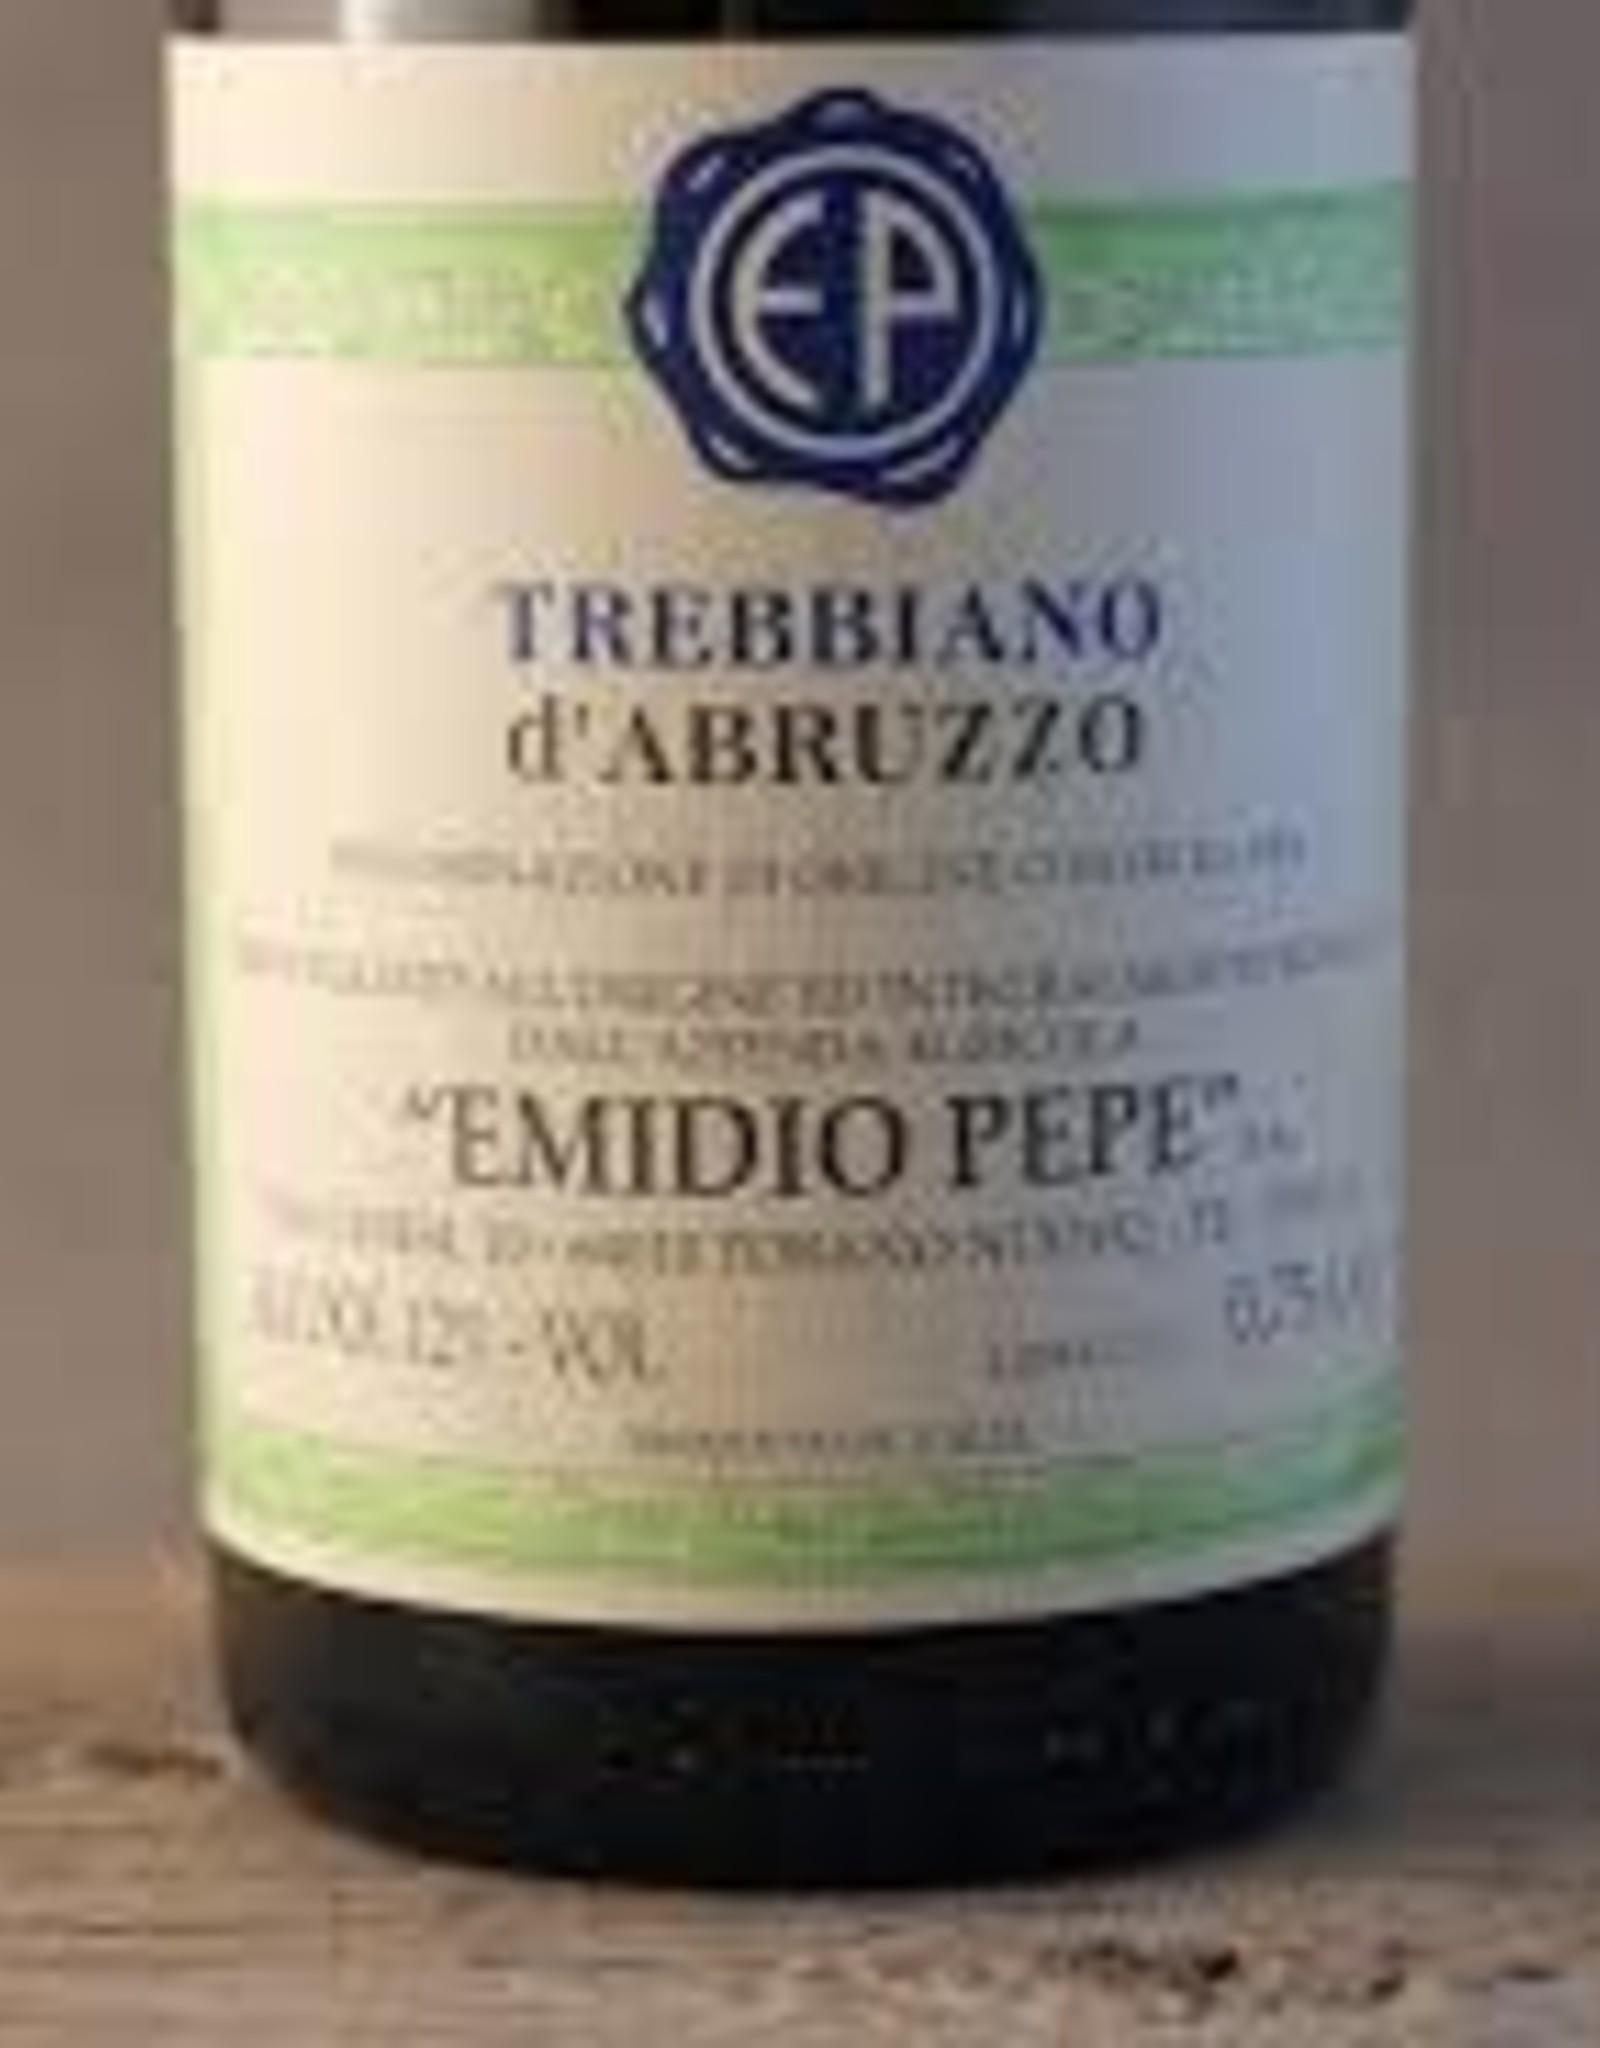 Trebbiano d'Abruzzo, Emido Pepe 2014